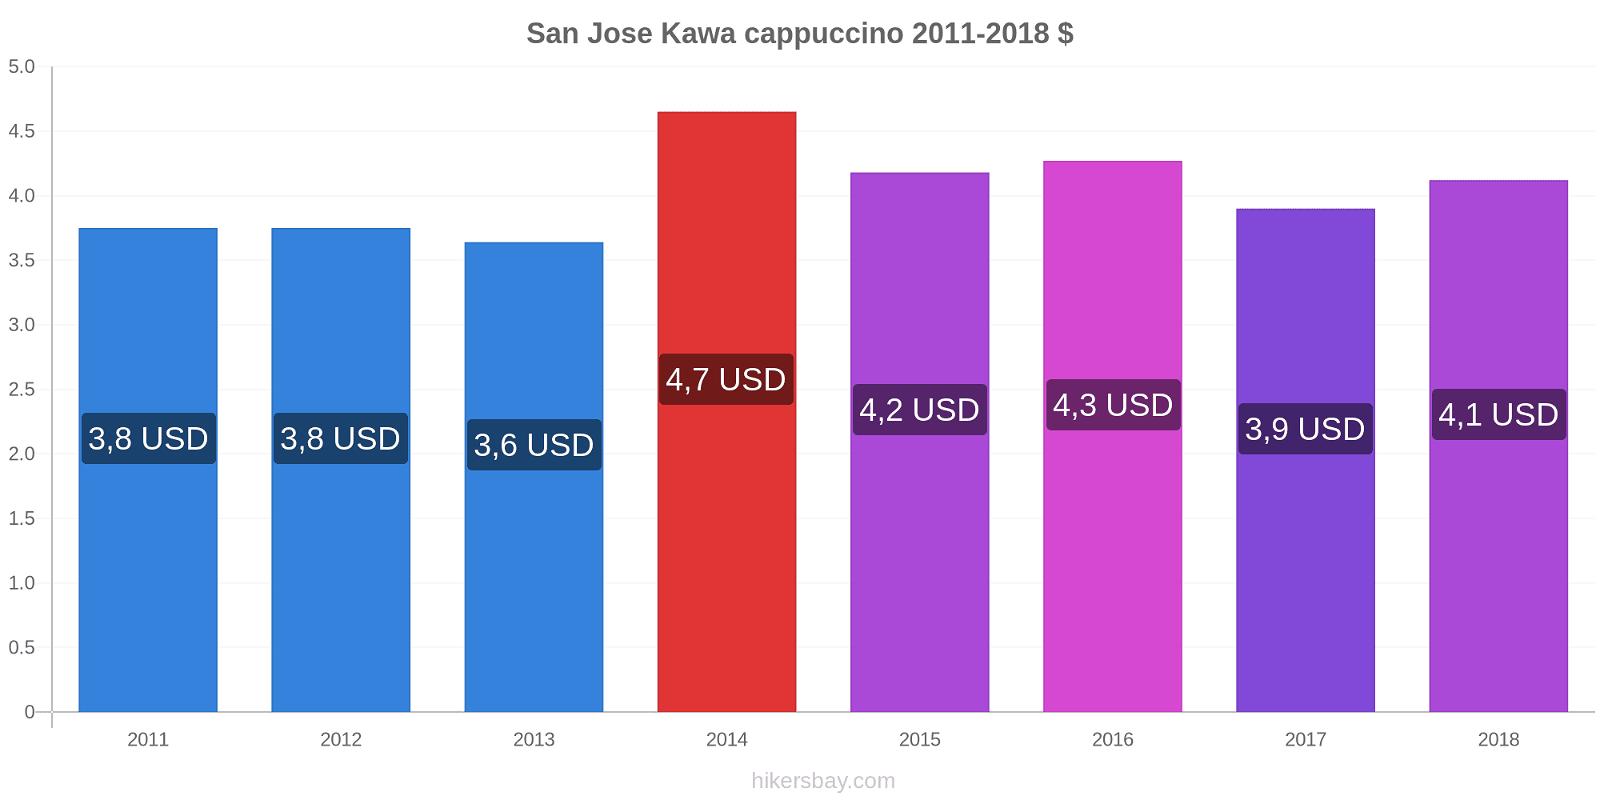 San Jose zmiany cen Kawa cappuccino hikersbay.com